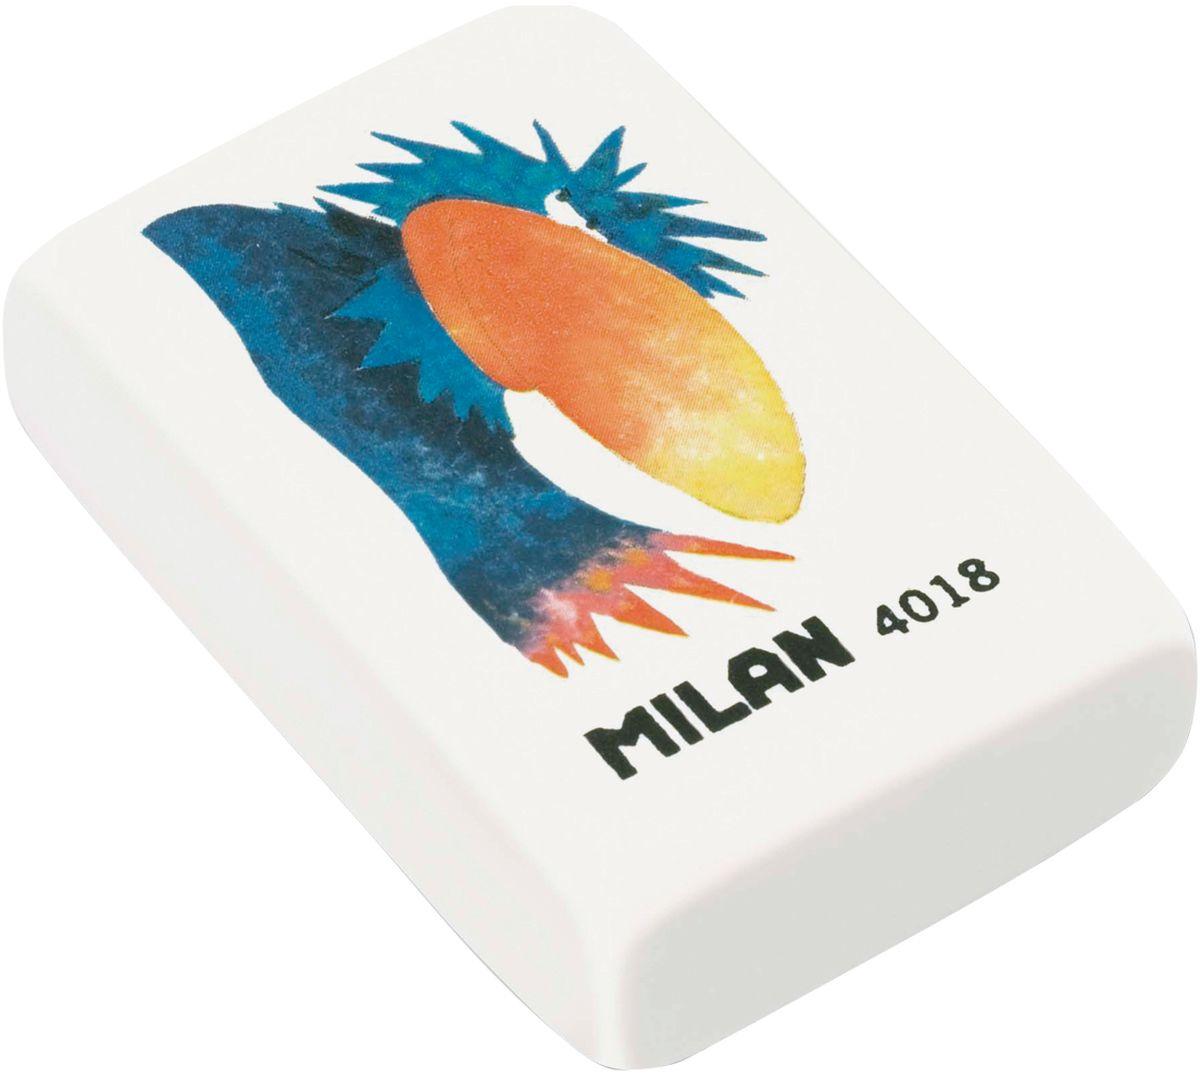 Milan Ластик 401872523WDФирменный дизайн ластика от Milan в классической форме с изображением веселых анимационных персонажей. Великолепное абсорбирующее свойства, бережное отношение к поверхности бумаги.Уважаемые клиенты! Обращаем ваше внимание, что картинки на товаре могут изменяться в зависимости от поступления на склад.